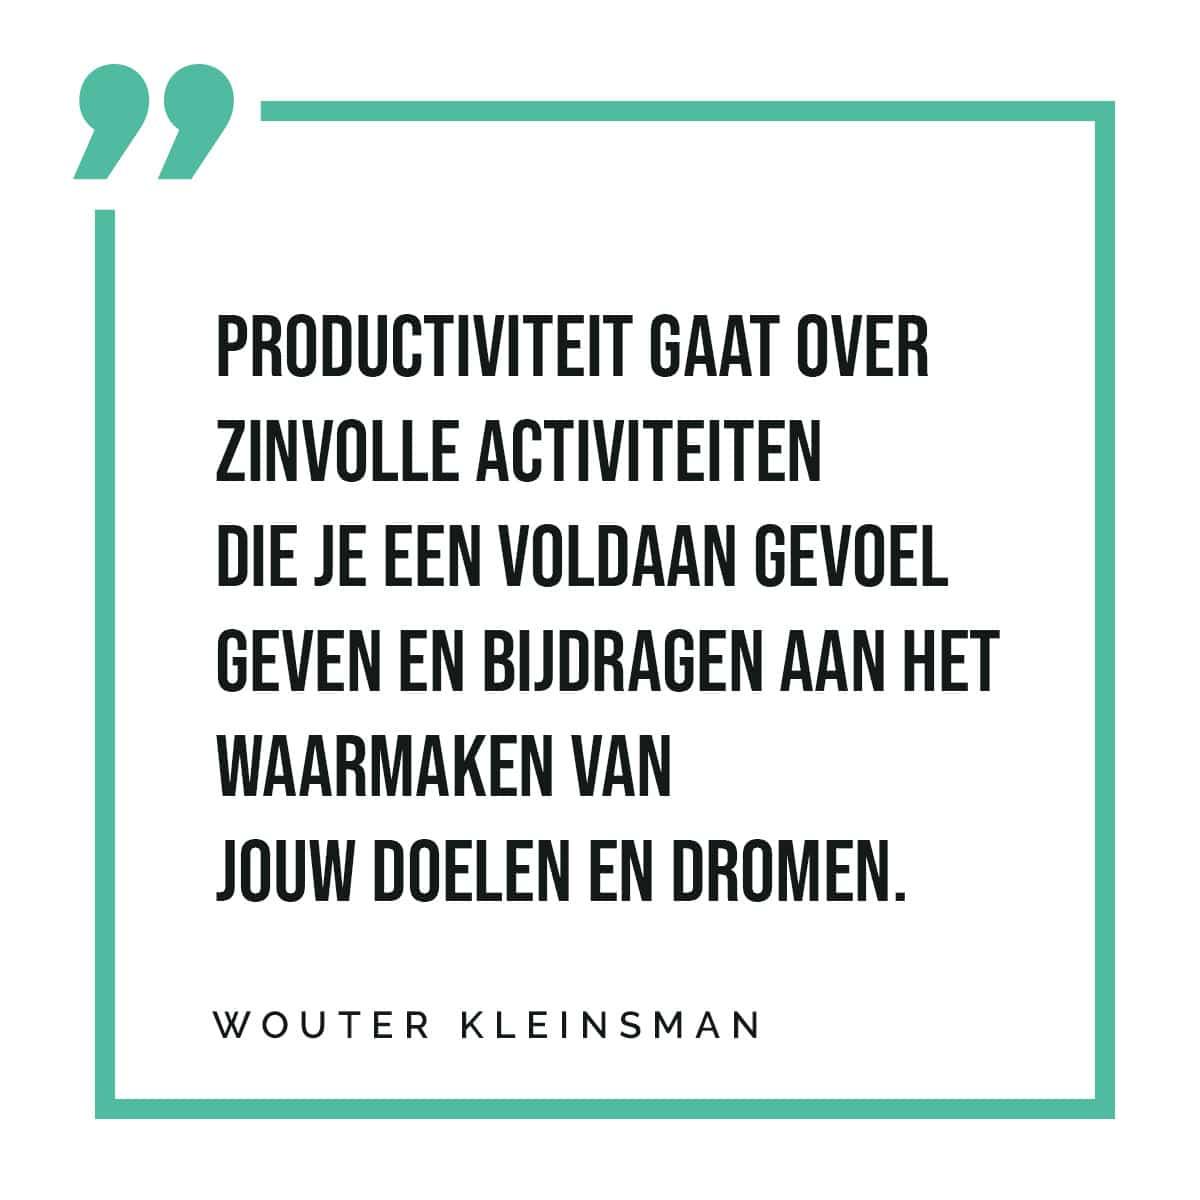 high-performance-productiviteit-en-waarmaken-doelen-en-dromen